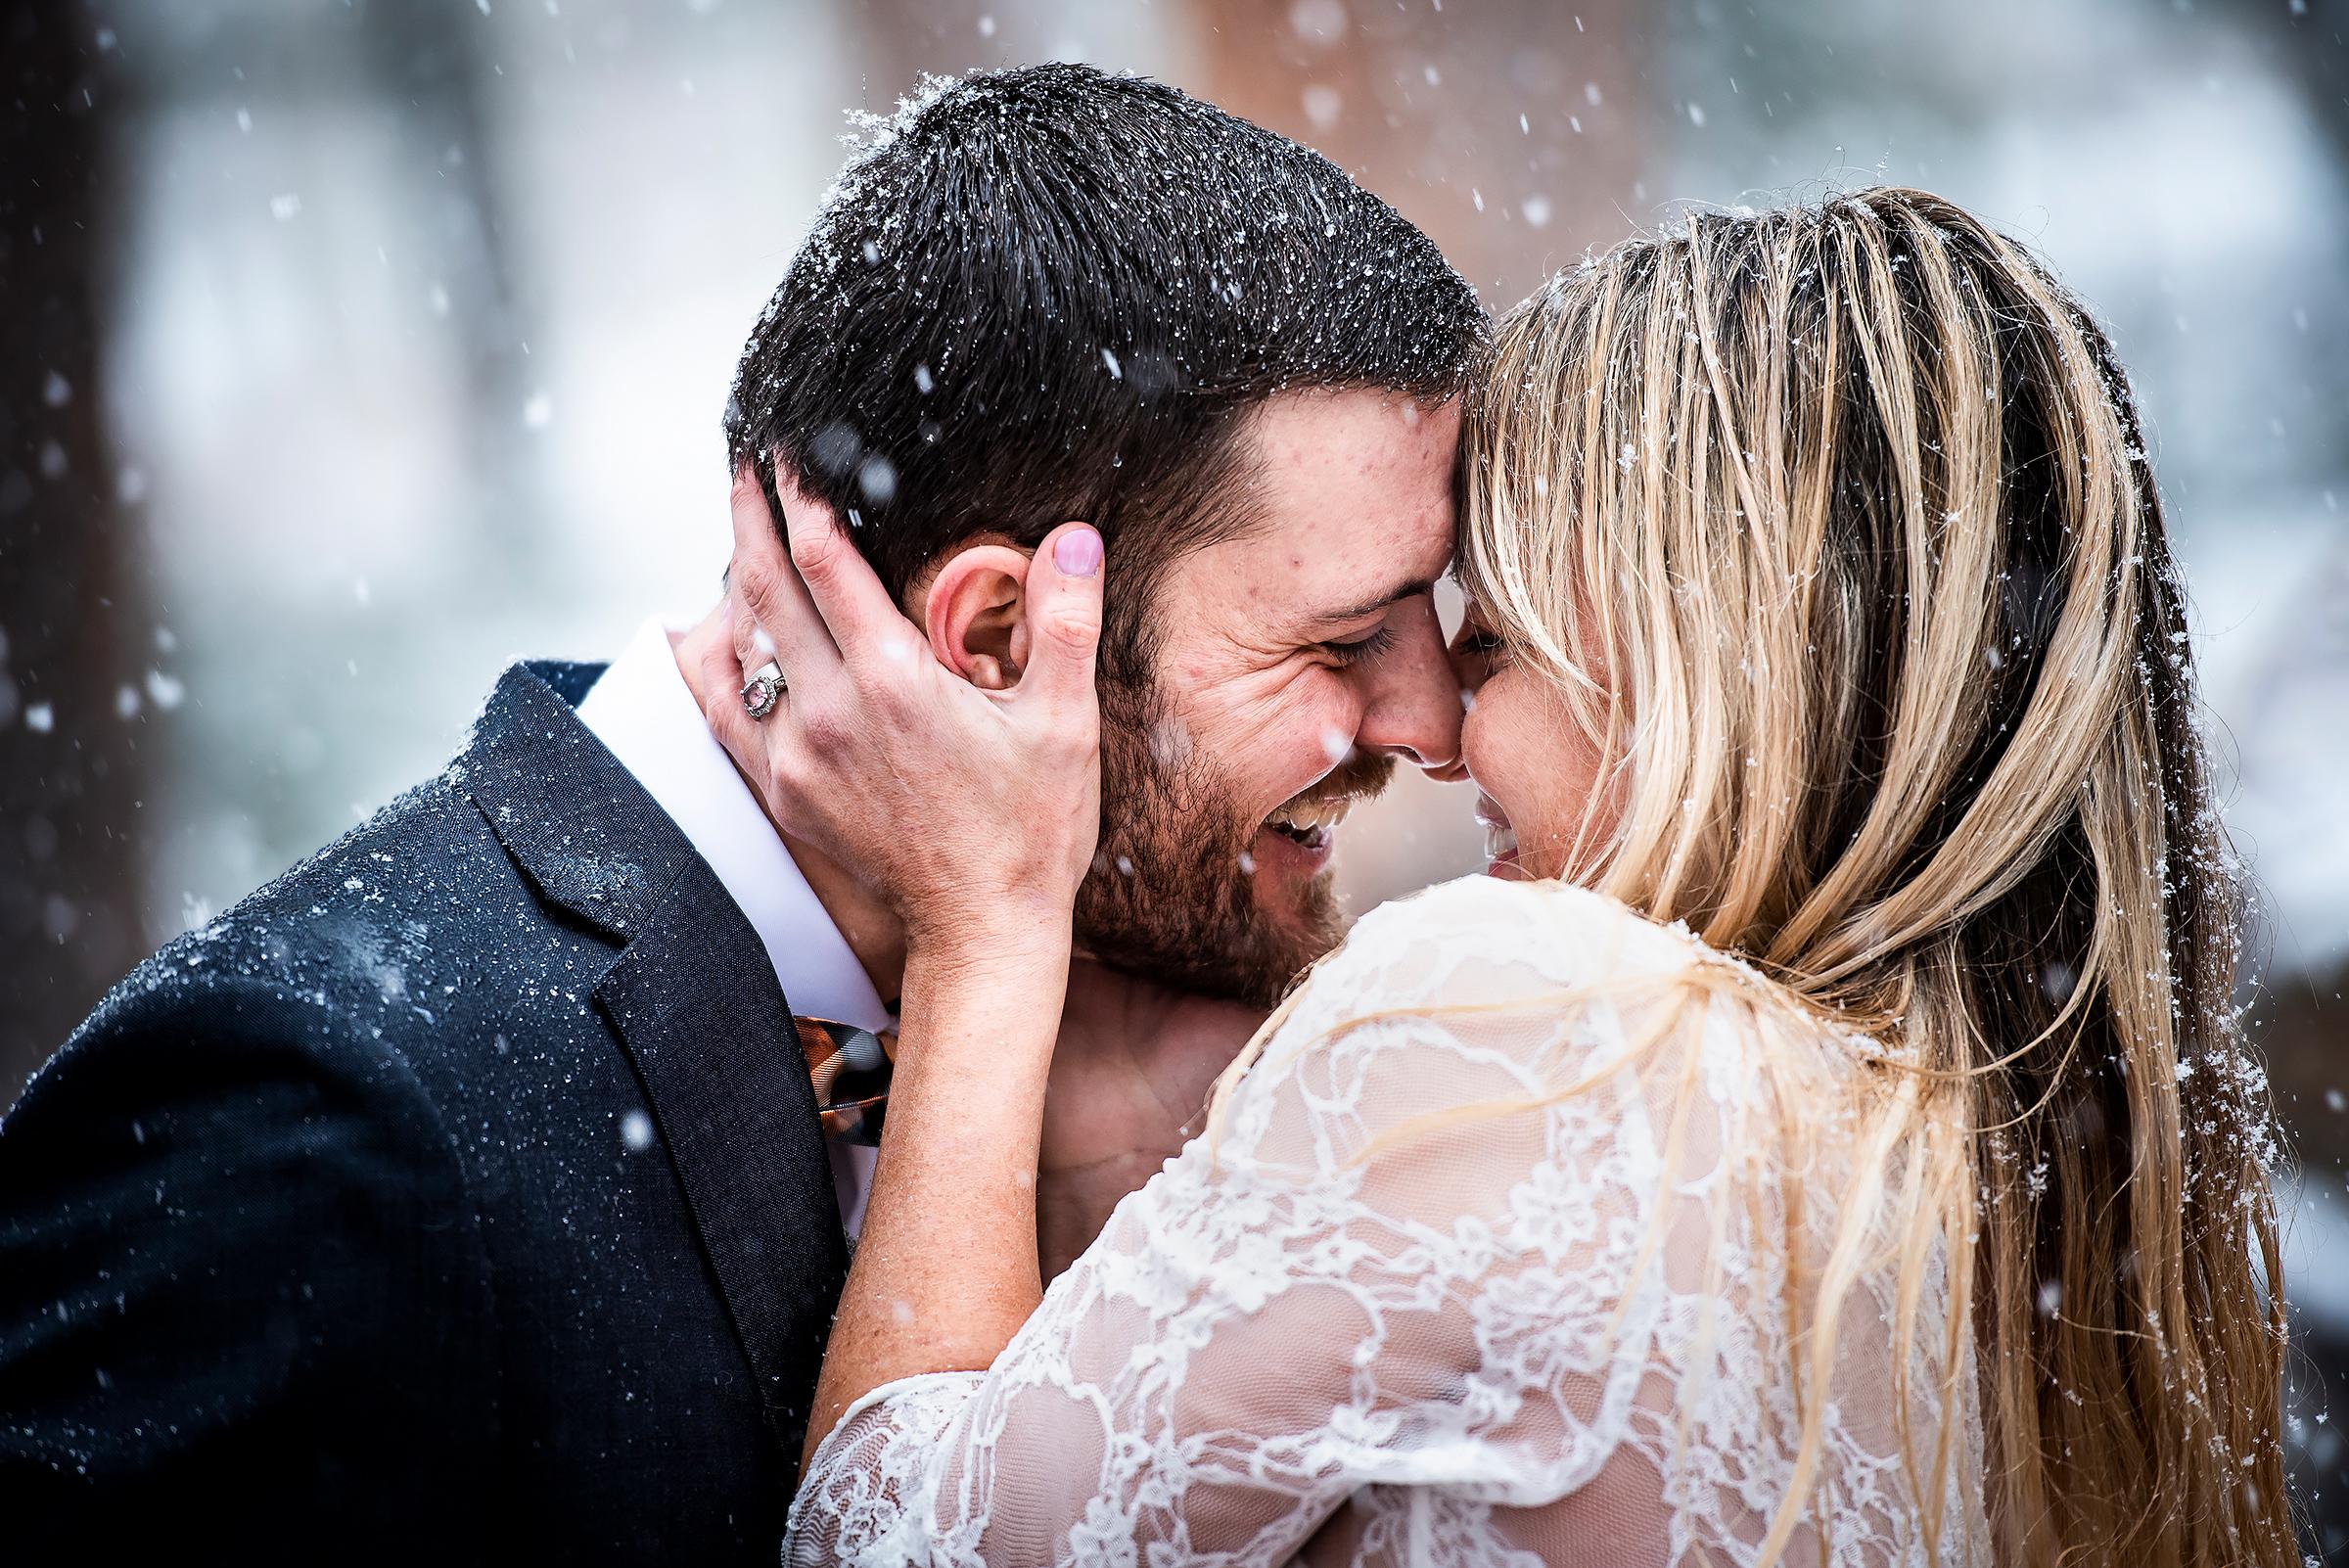 Couple kissing in the snow, Breckenridge, Colorado - J. La Plante Photo